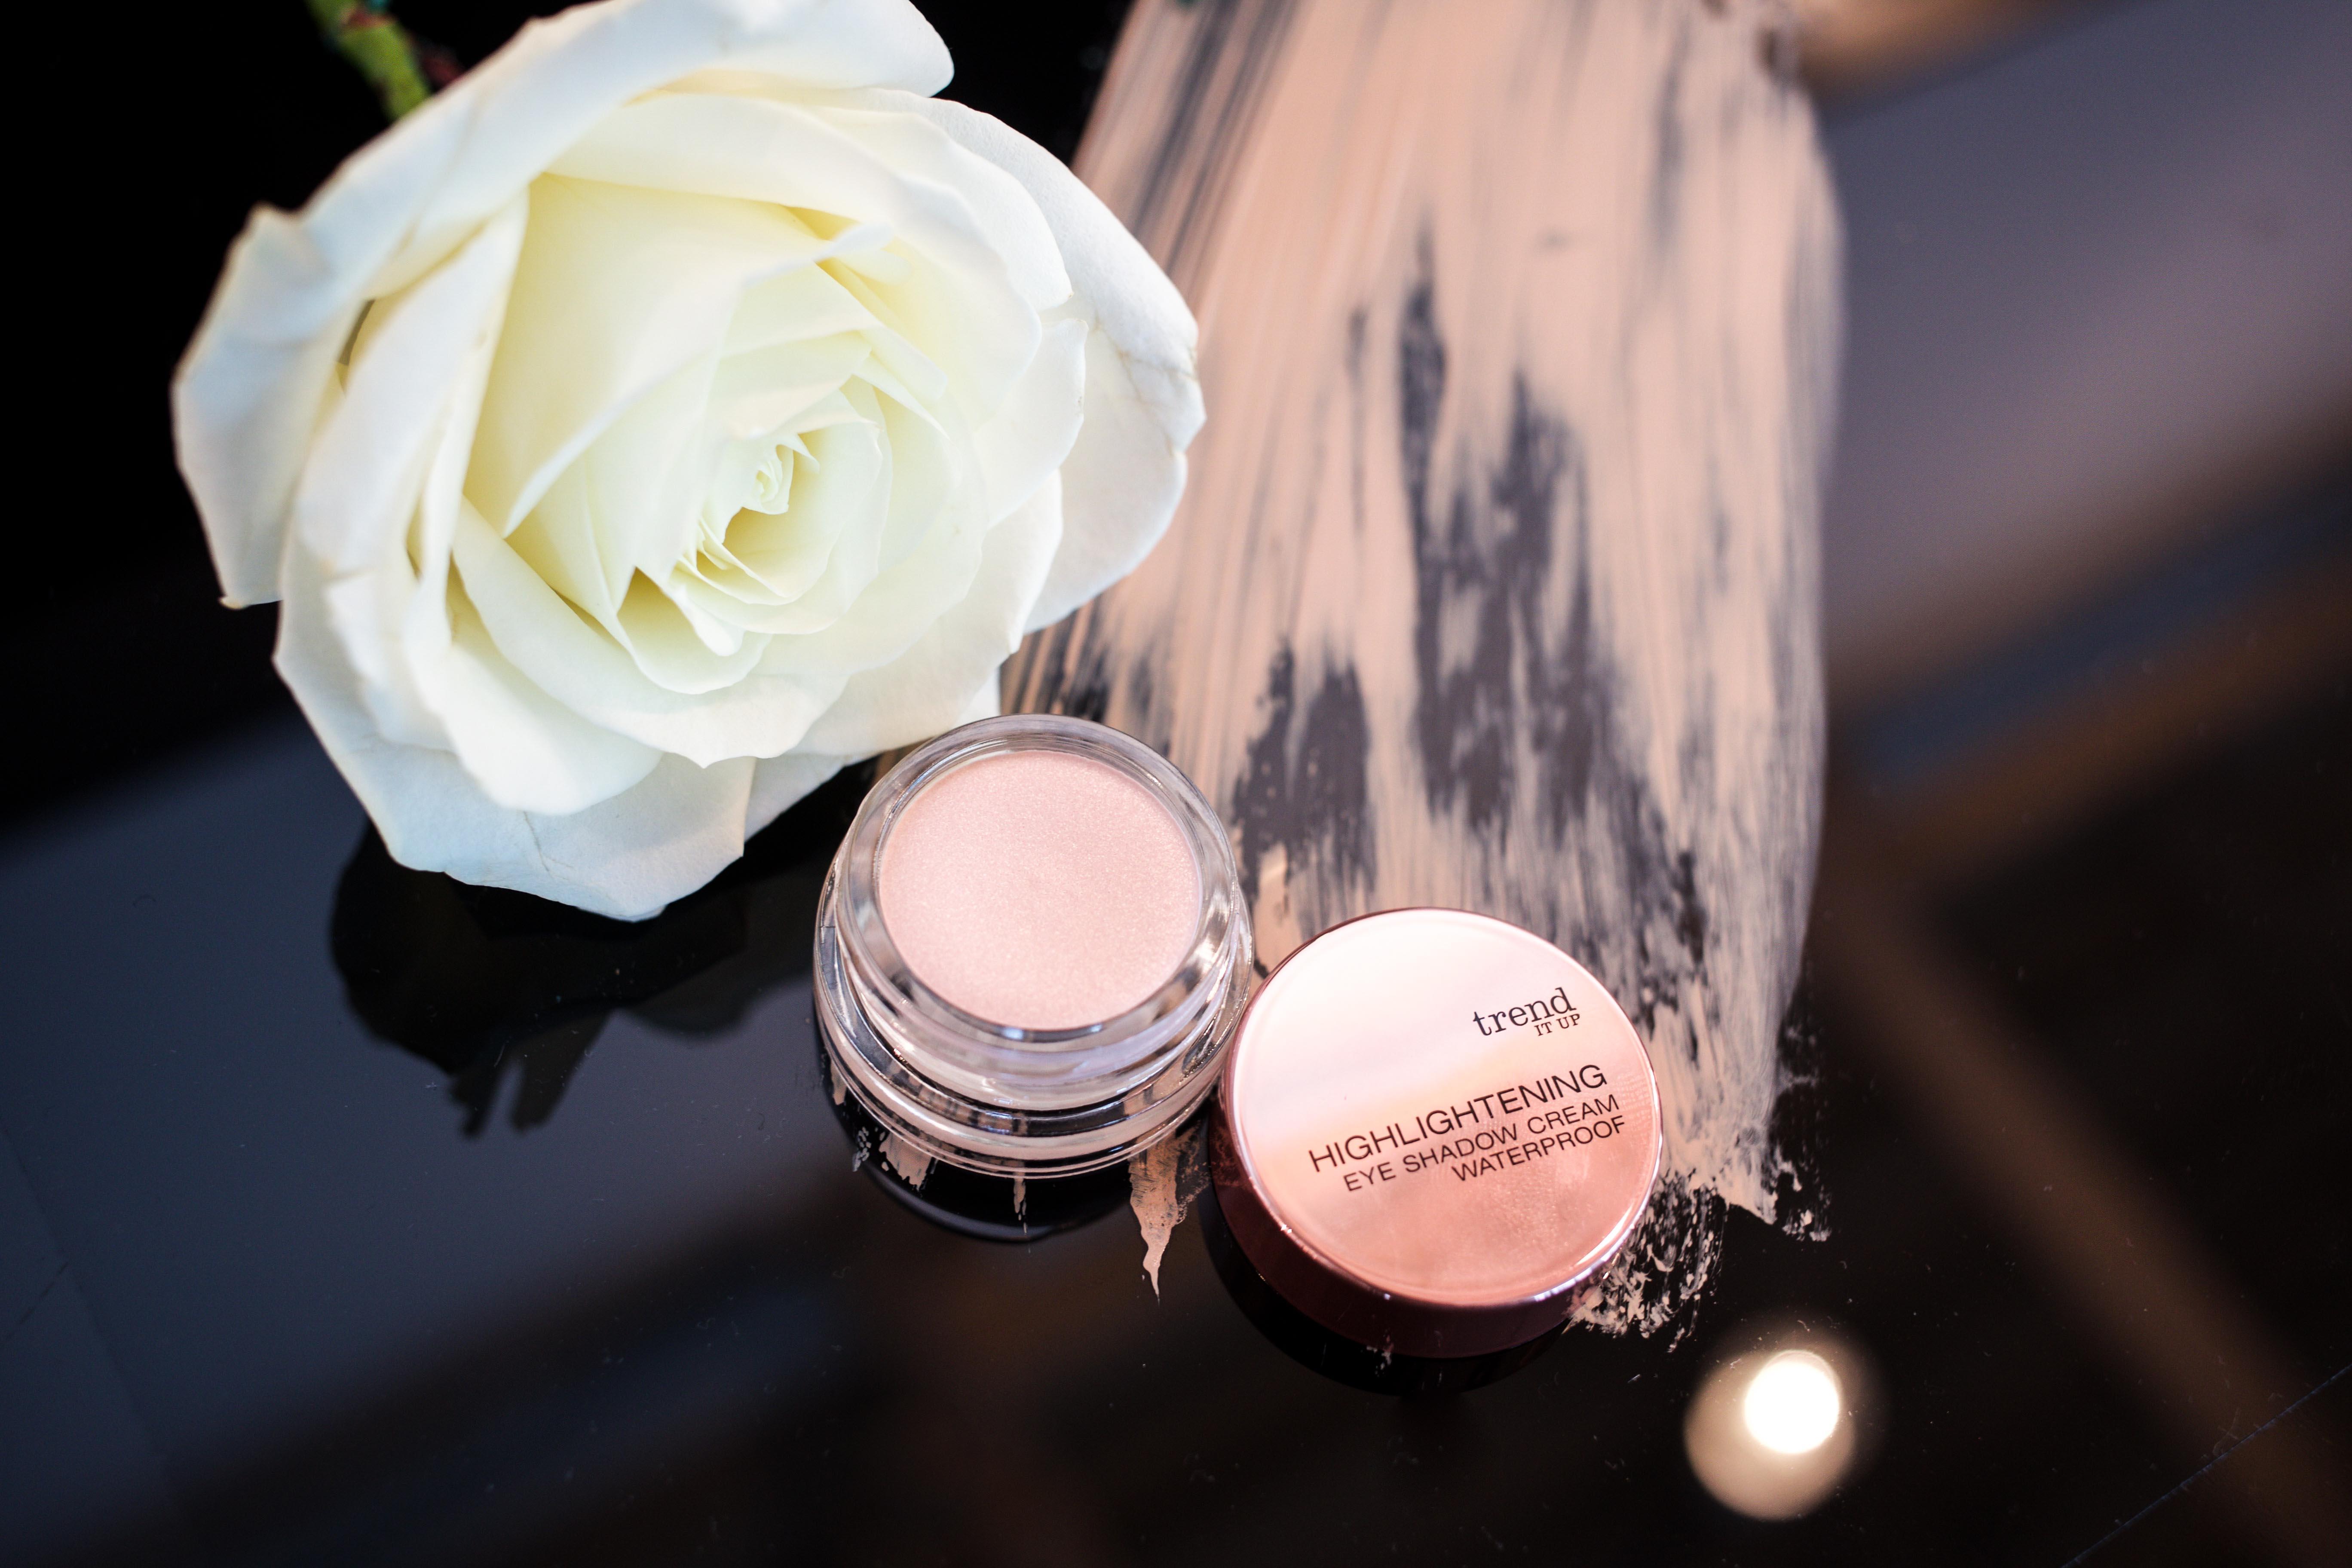 dm-trend-it-up-neuheiten-beauty-make-up-muc_0025